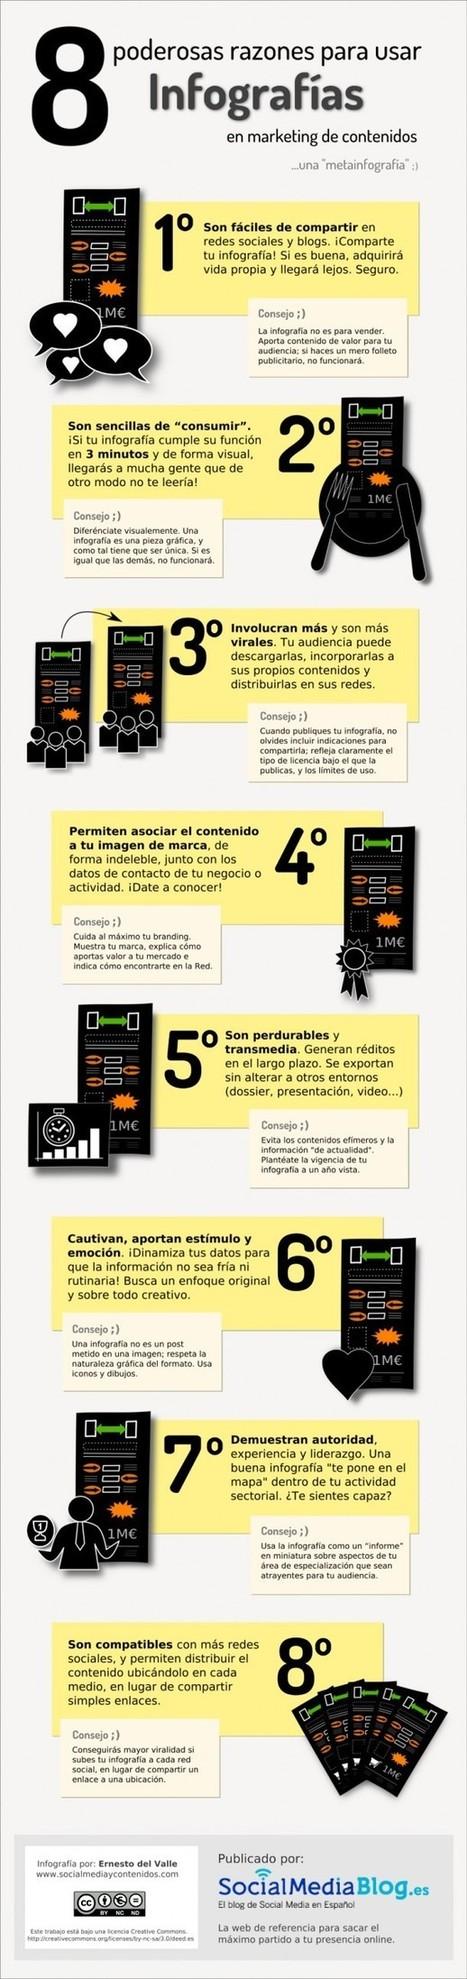 [INFOGRAFÍA] 8 poderosas razones para usar infografías | Ticenelaula | Scoop.it